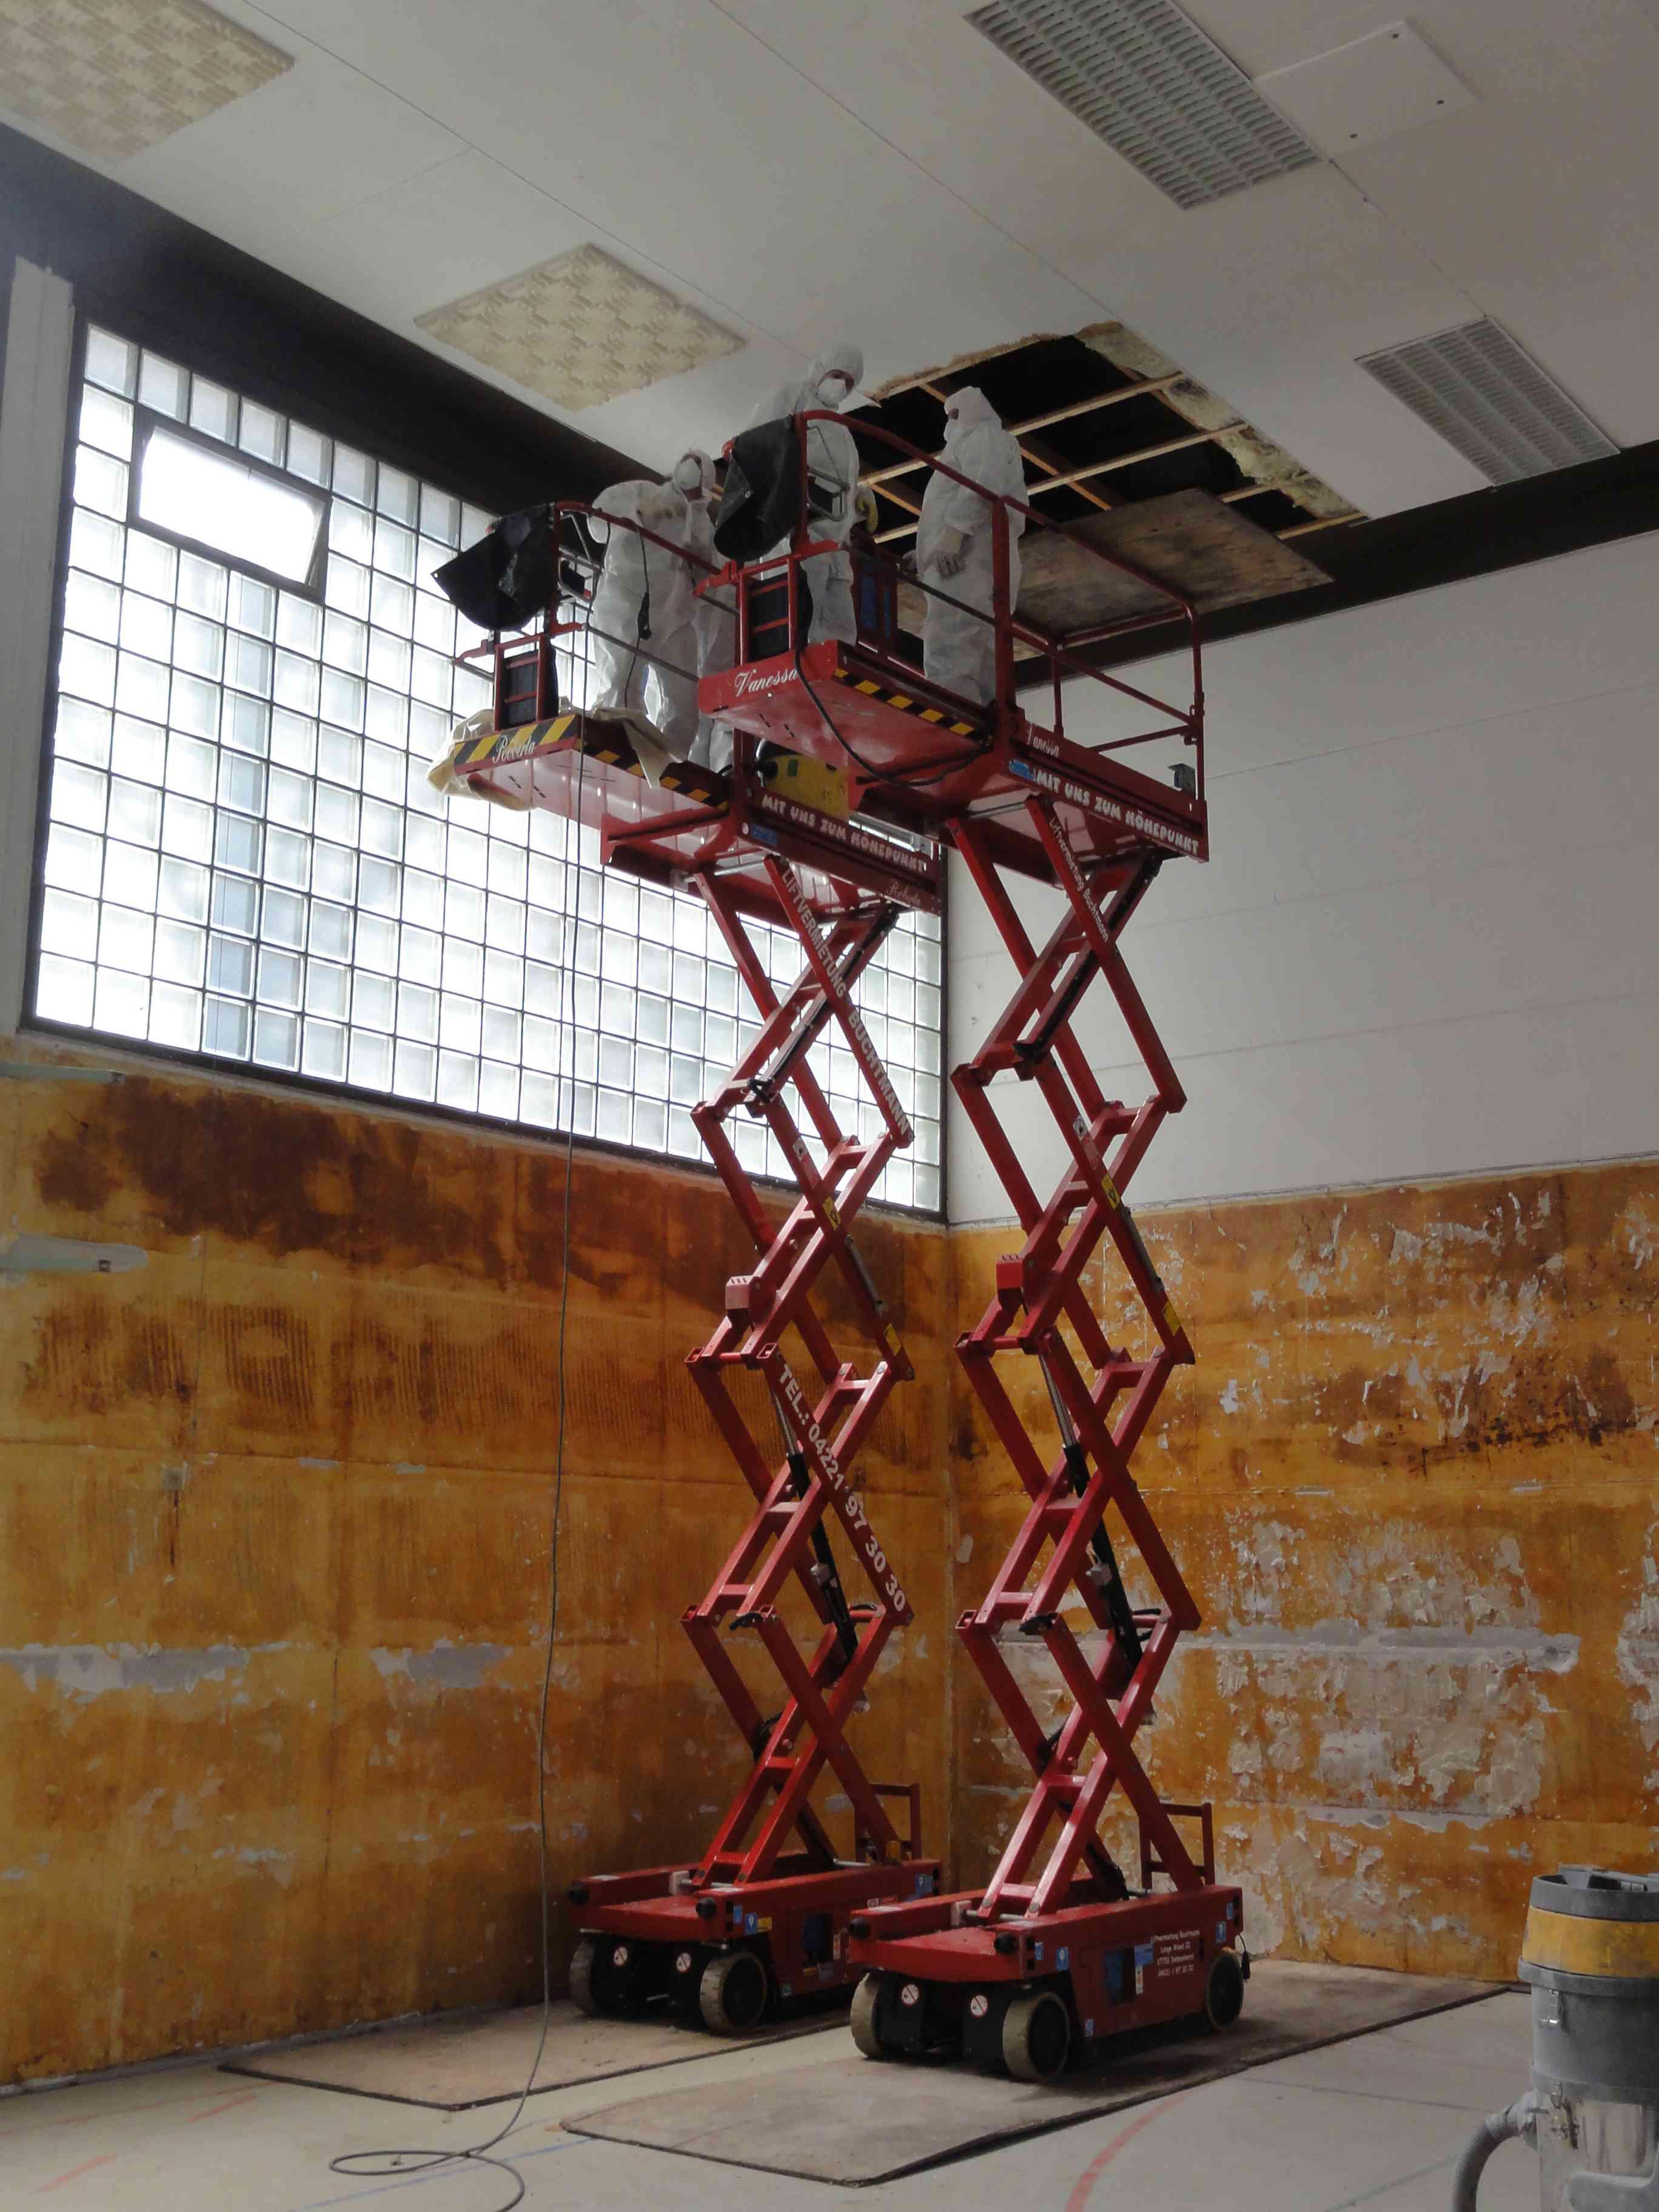 asbest und kmf sanierungen gem trgs 519 und 521. Black Bedroom Furniture Sets. Home Design Ideas